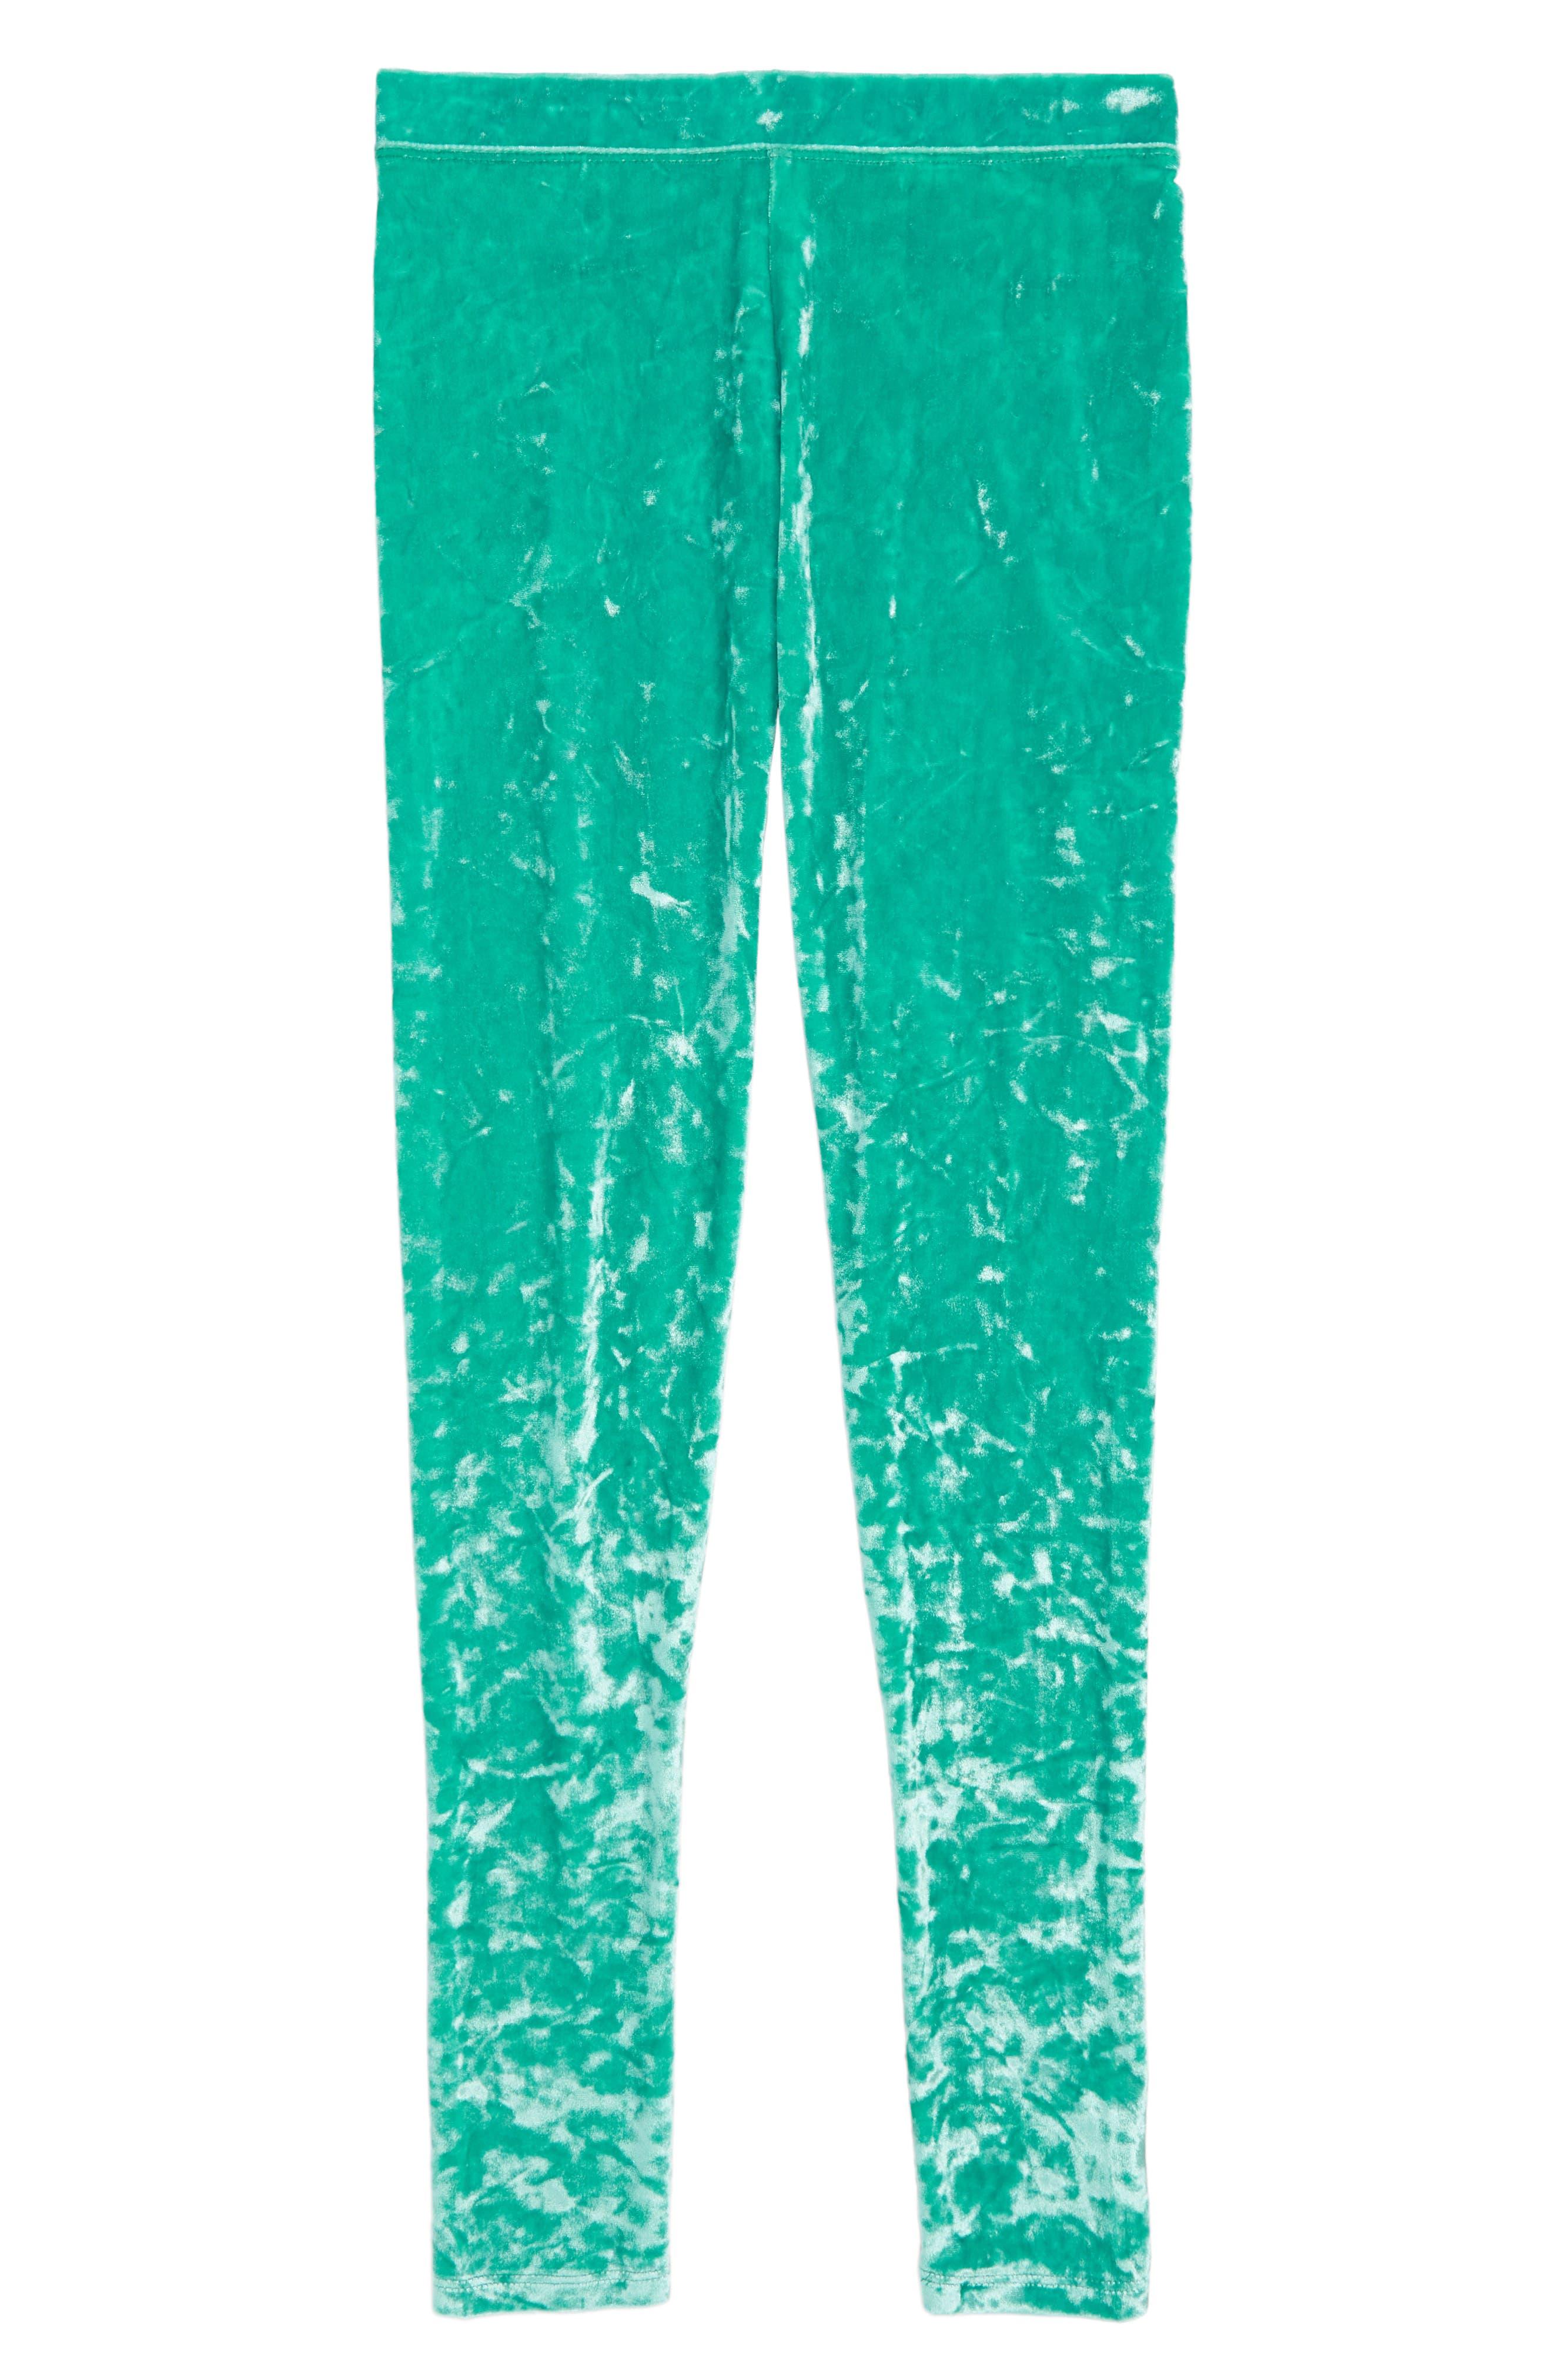 Crushed Velvet Leggings,                             Main thumbnail 1, color,                             EMERALD GREEN